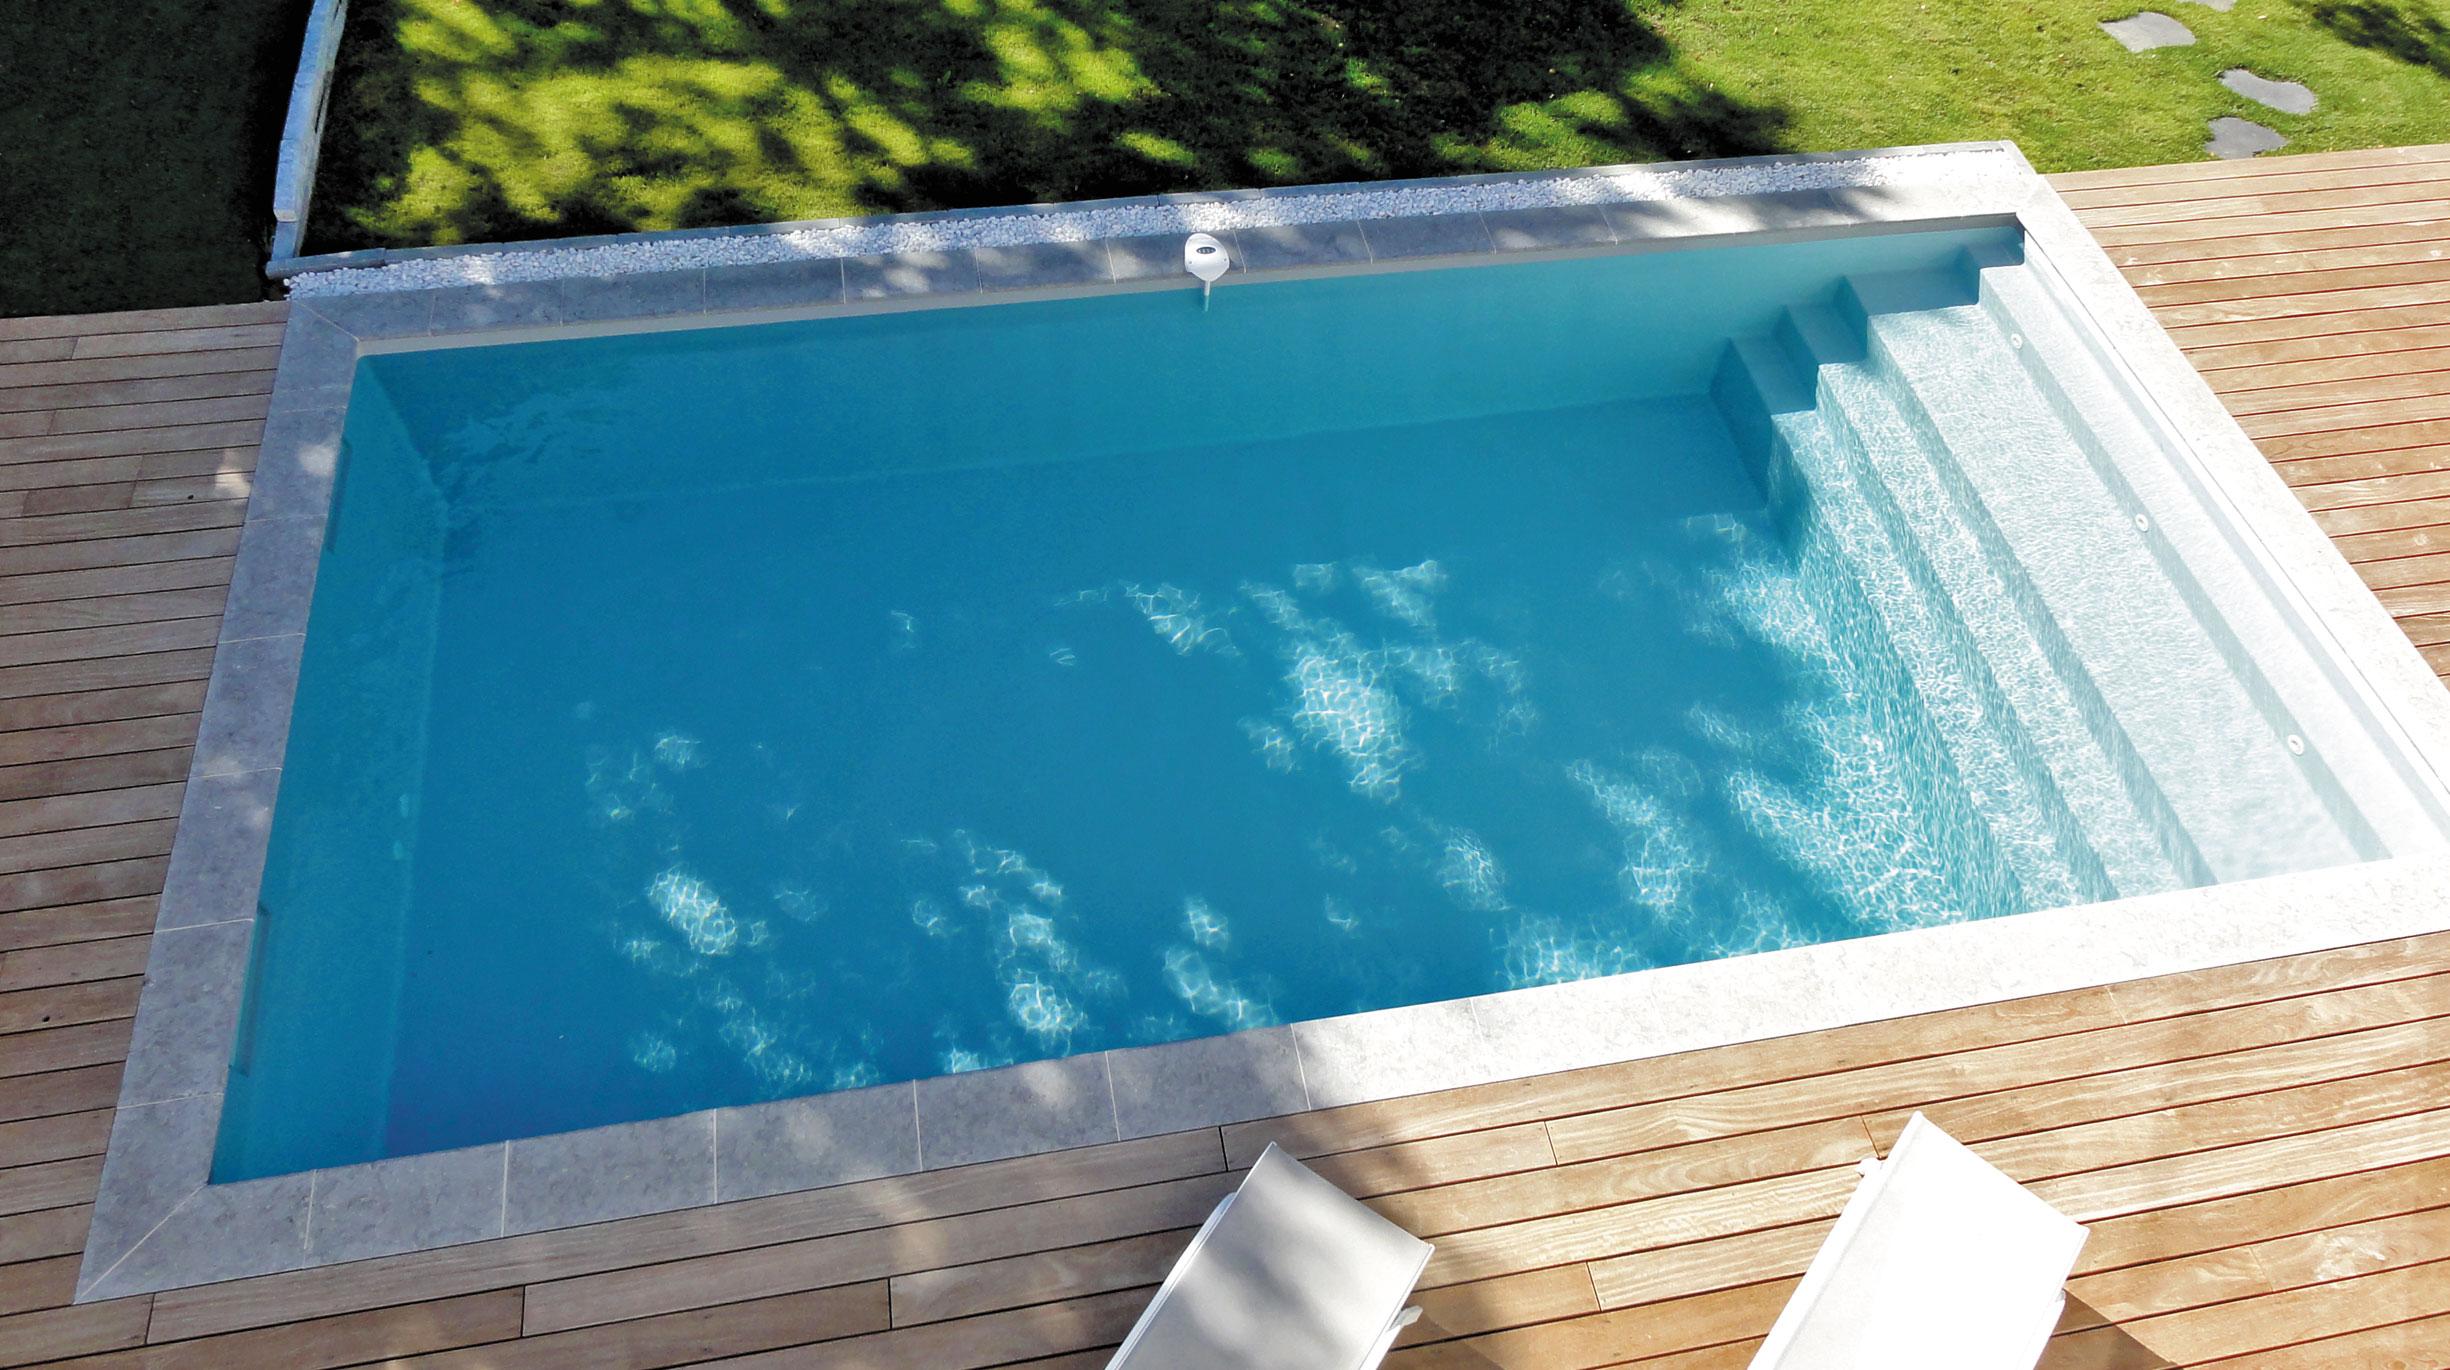 modele-figuerolle-vue-aerienne Mini-piscine: pas que pour les enfants : petit format, grand plaisir!